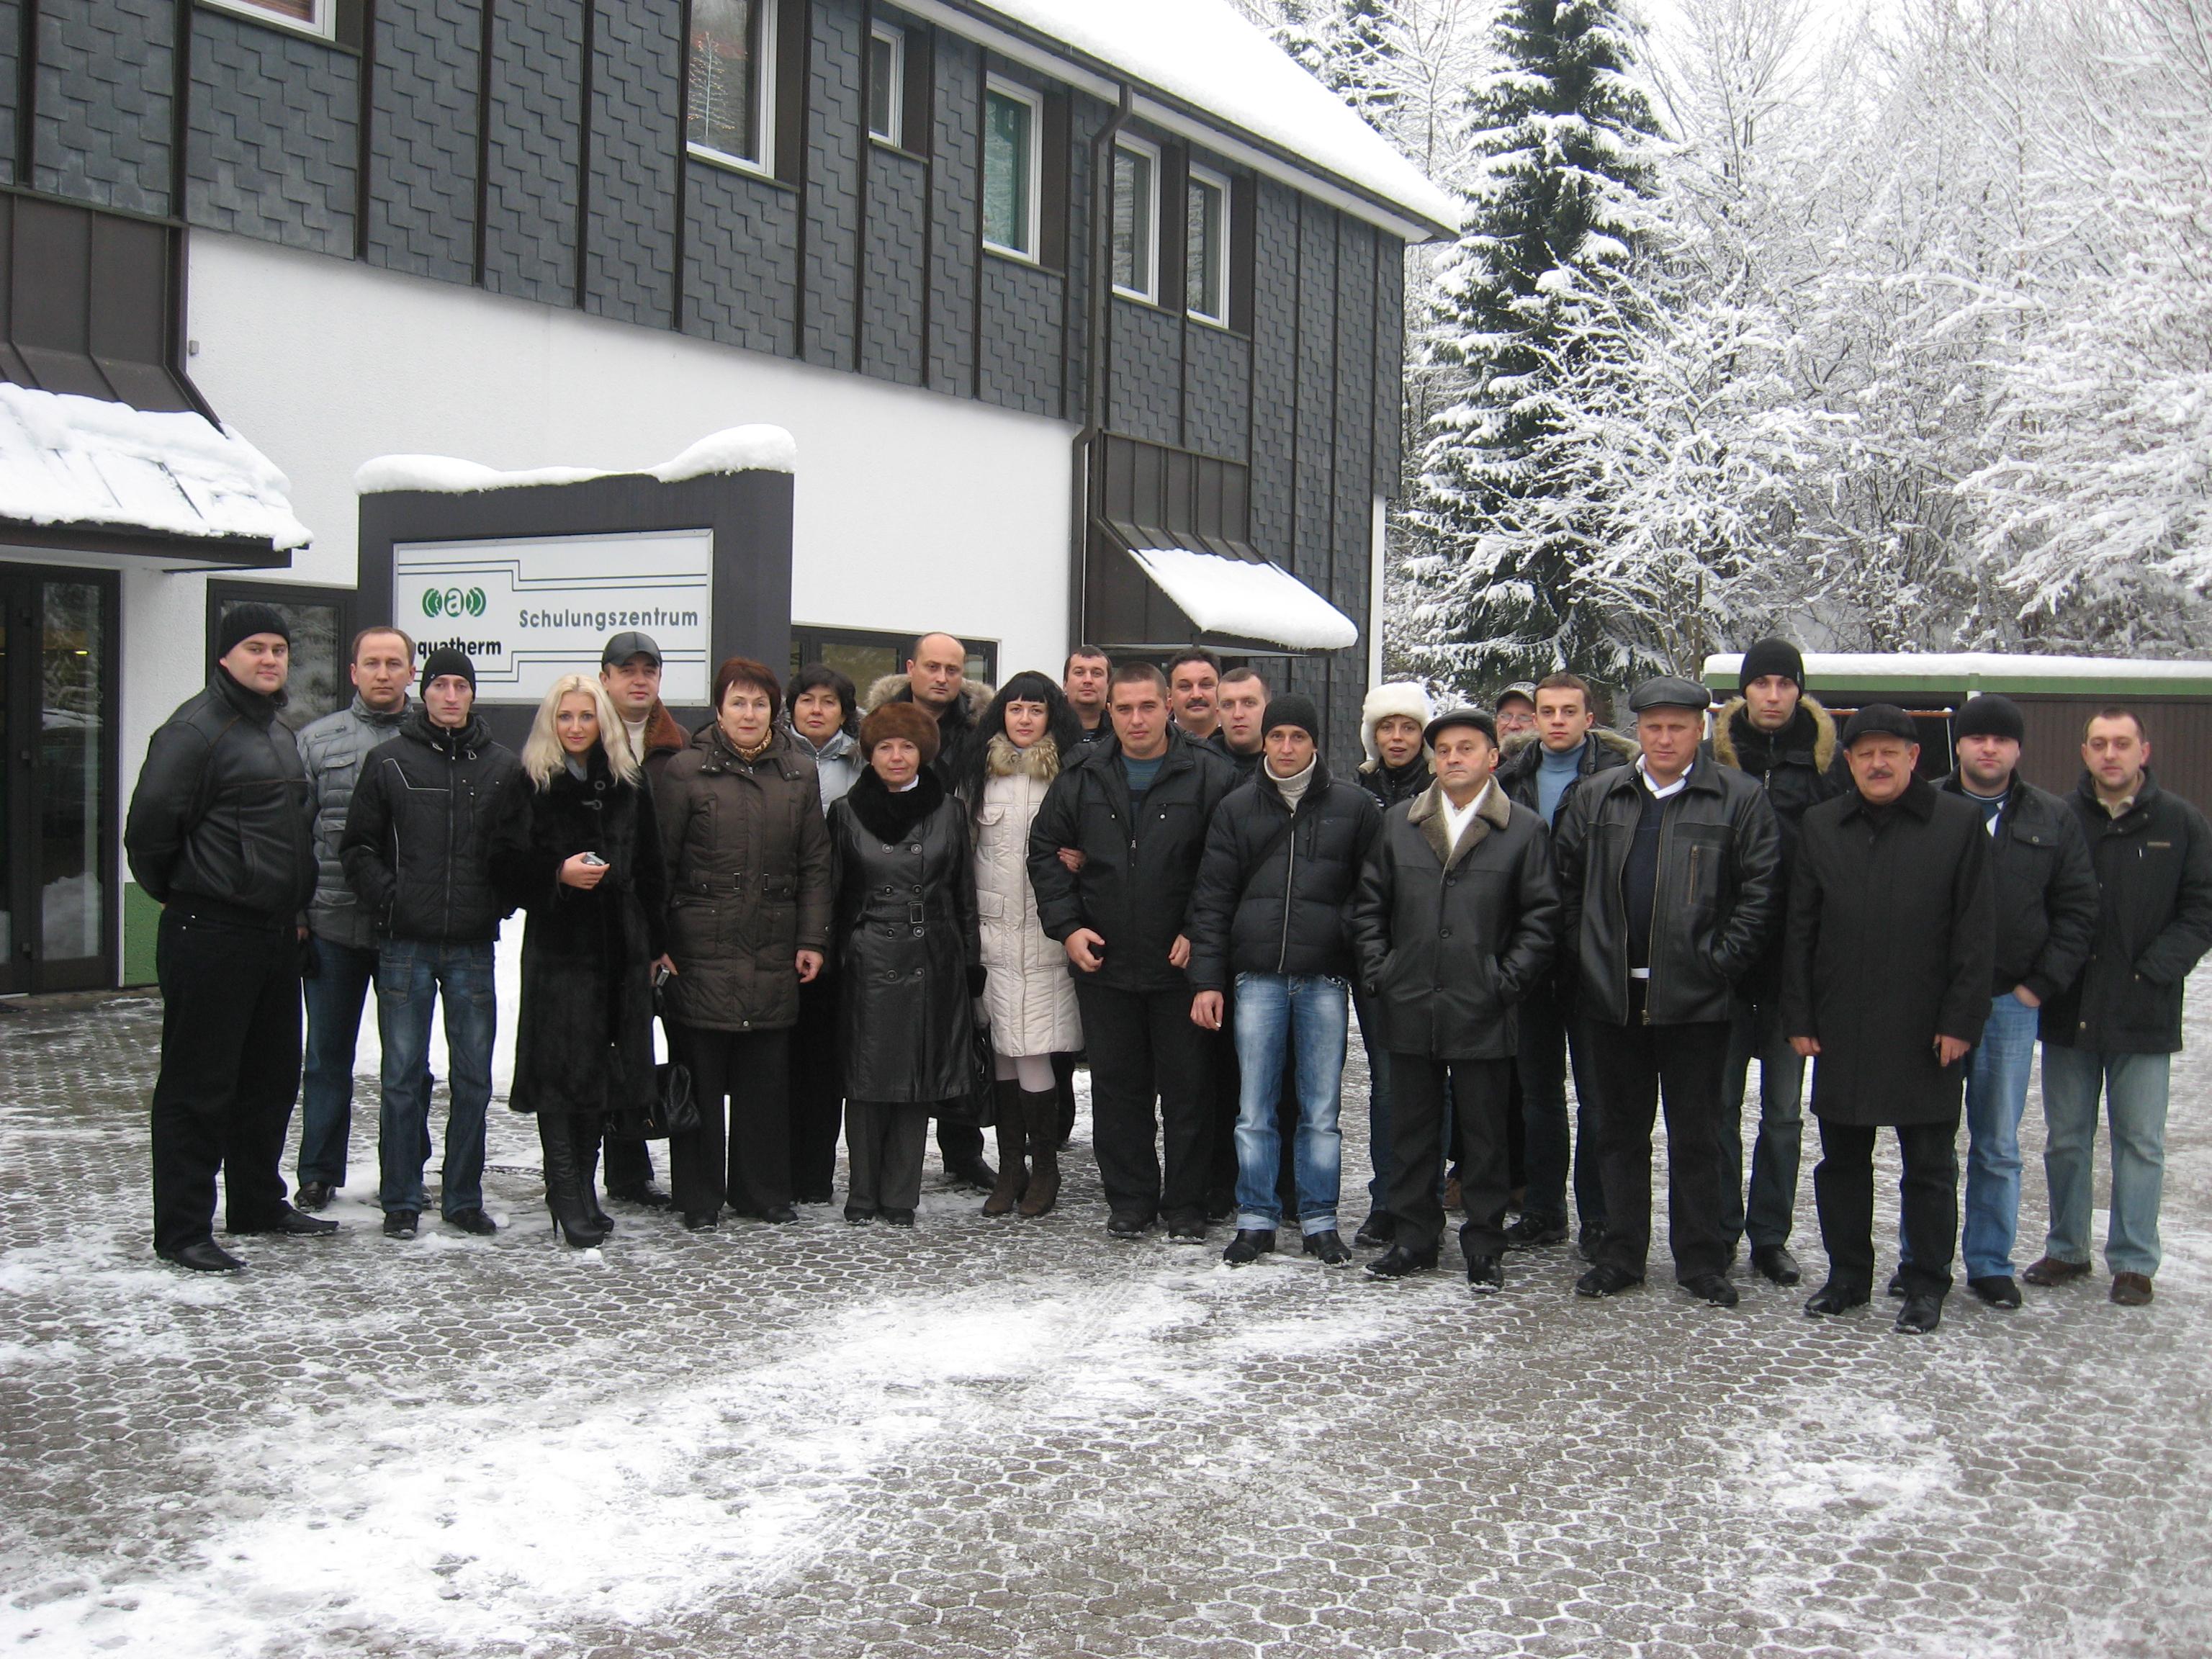 Участники семинара на фирме Aquatherm.